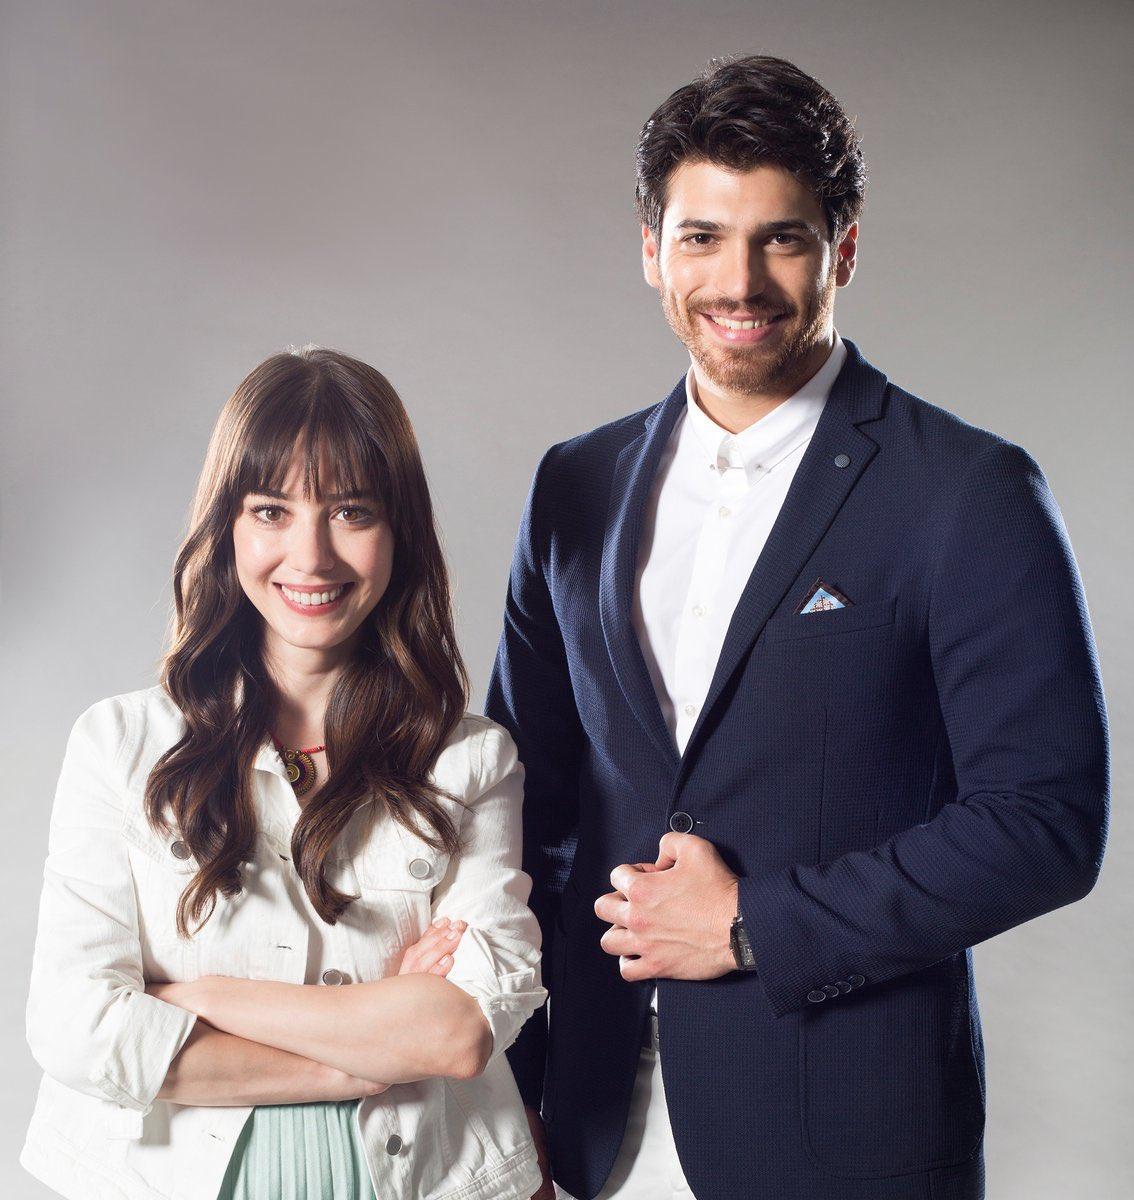 Arab2turk On Twitter Canyaman Ozgegurel جان يمان و اوزجي جوريل سيجتمعان للمرة الثانية معا في مسلسل صيفي جديد